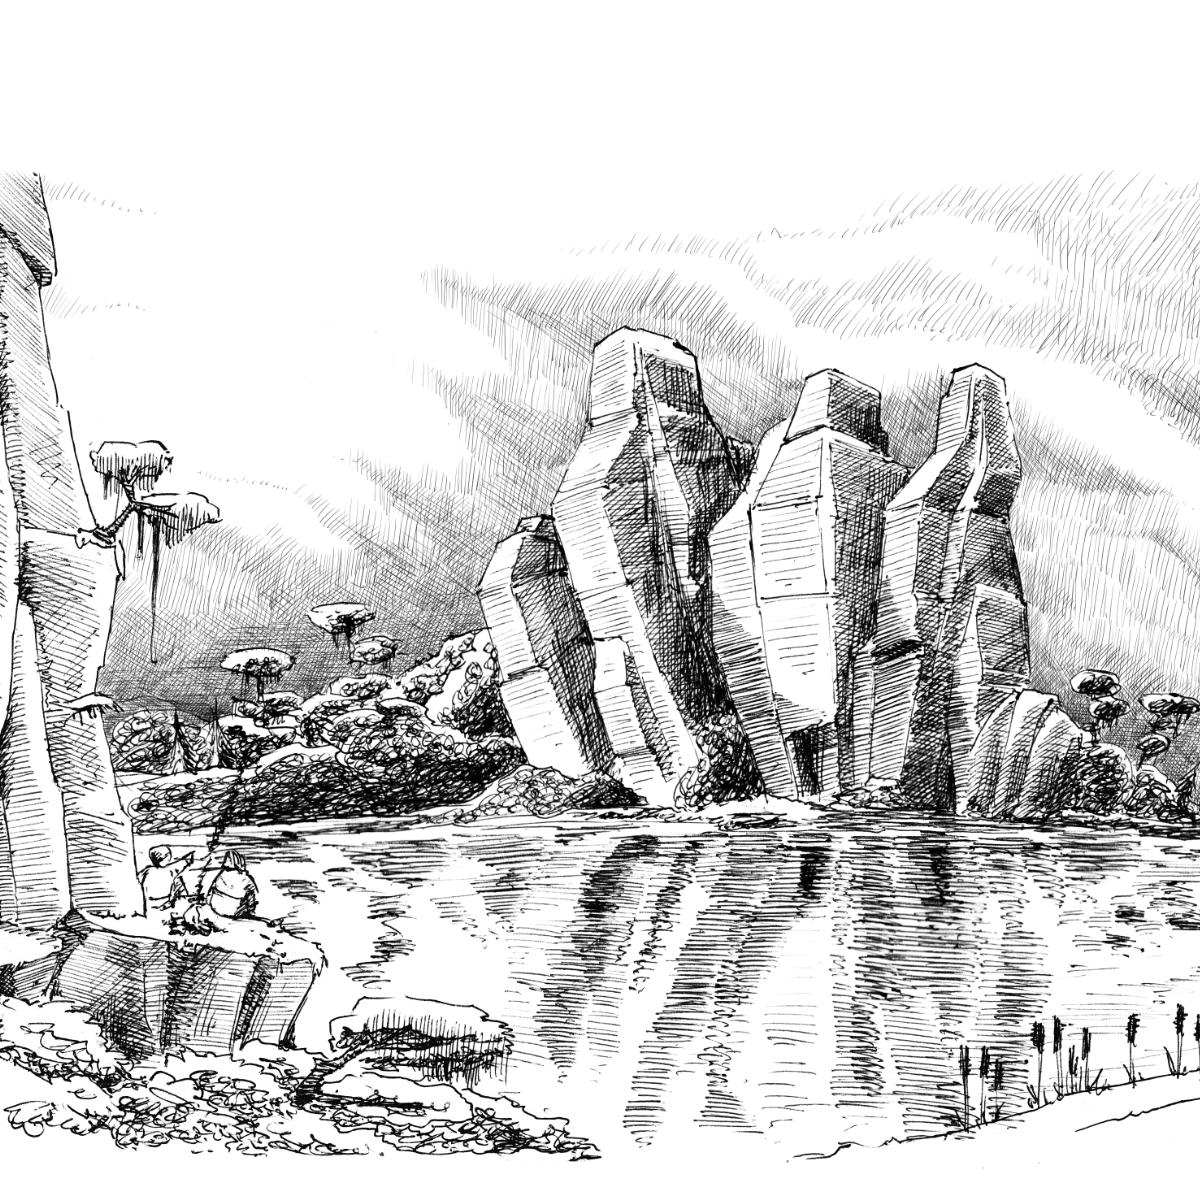 15-Klett-stones-lake-fantasy.jpg